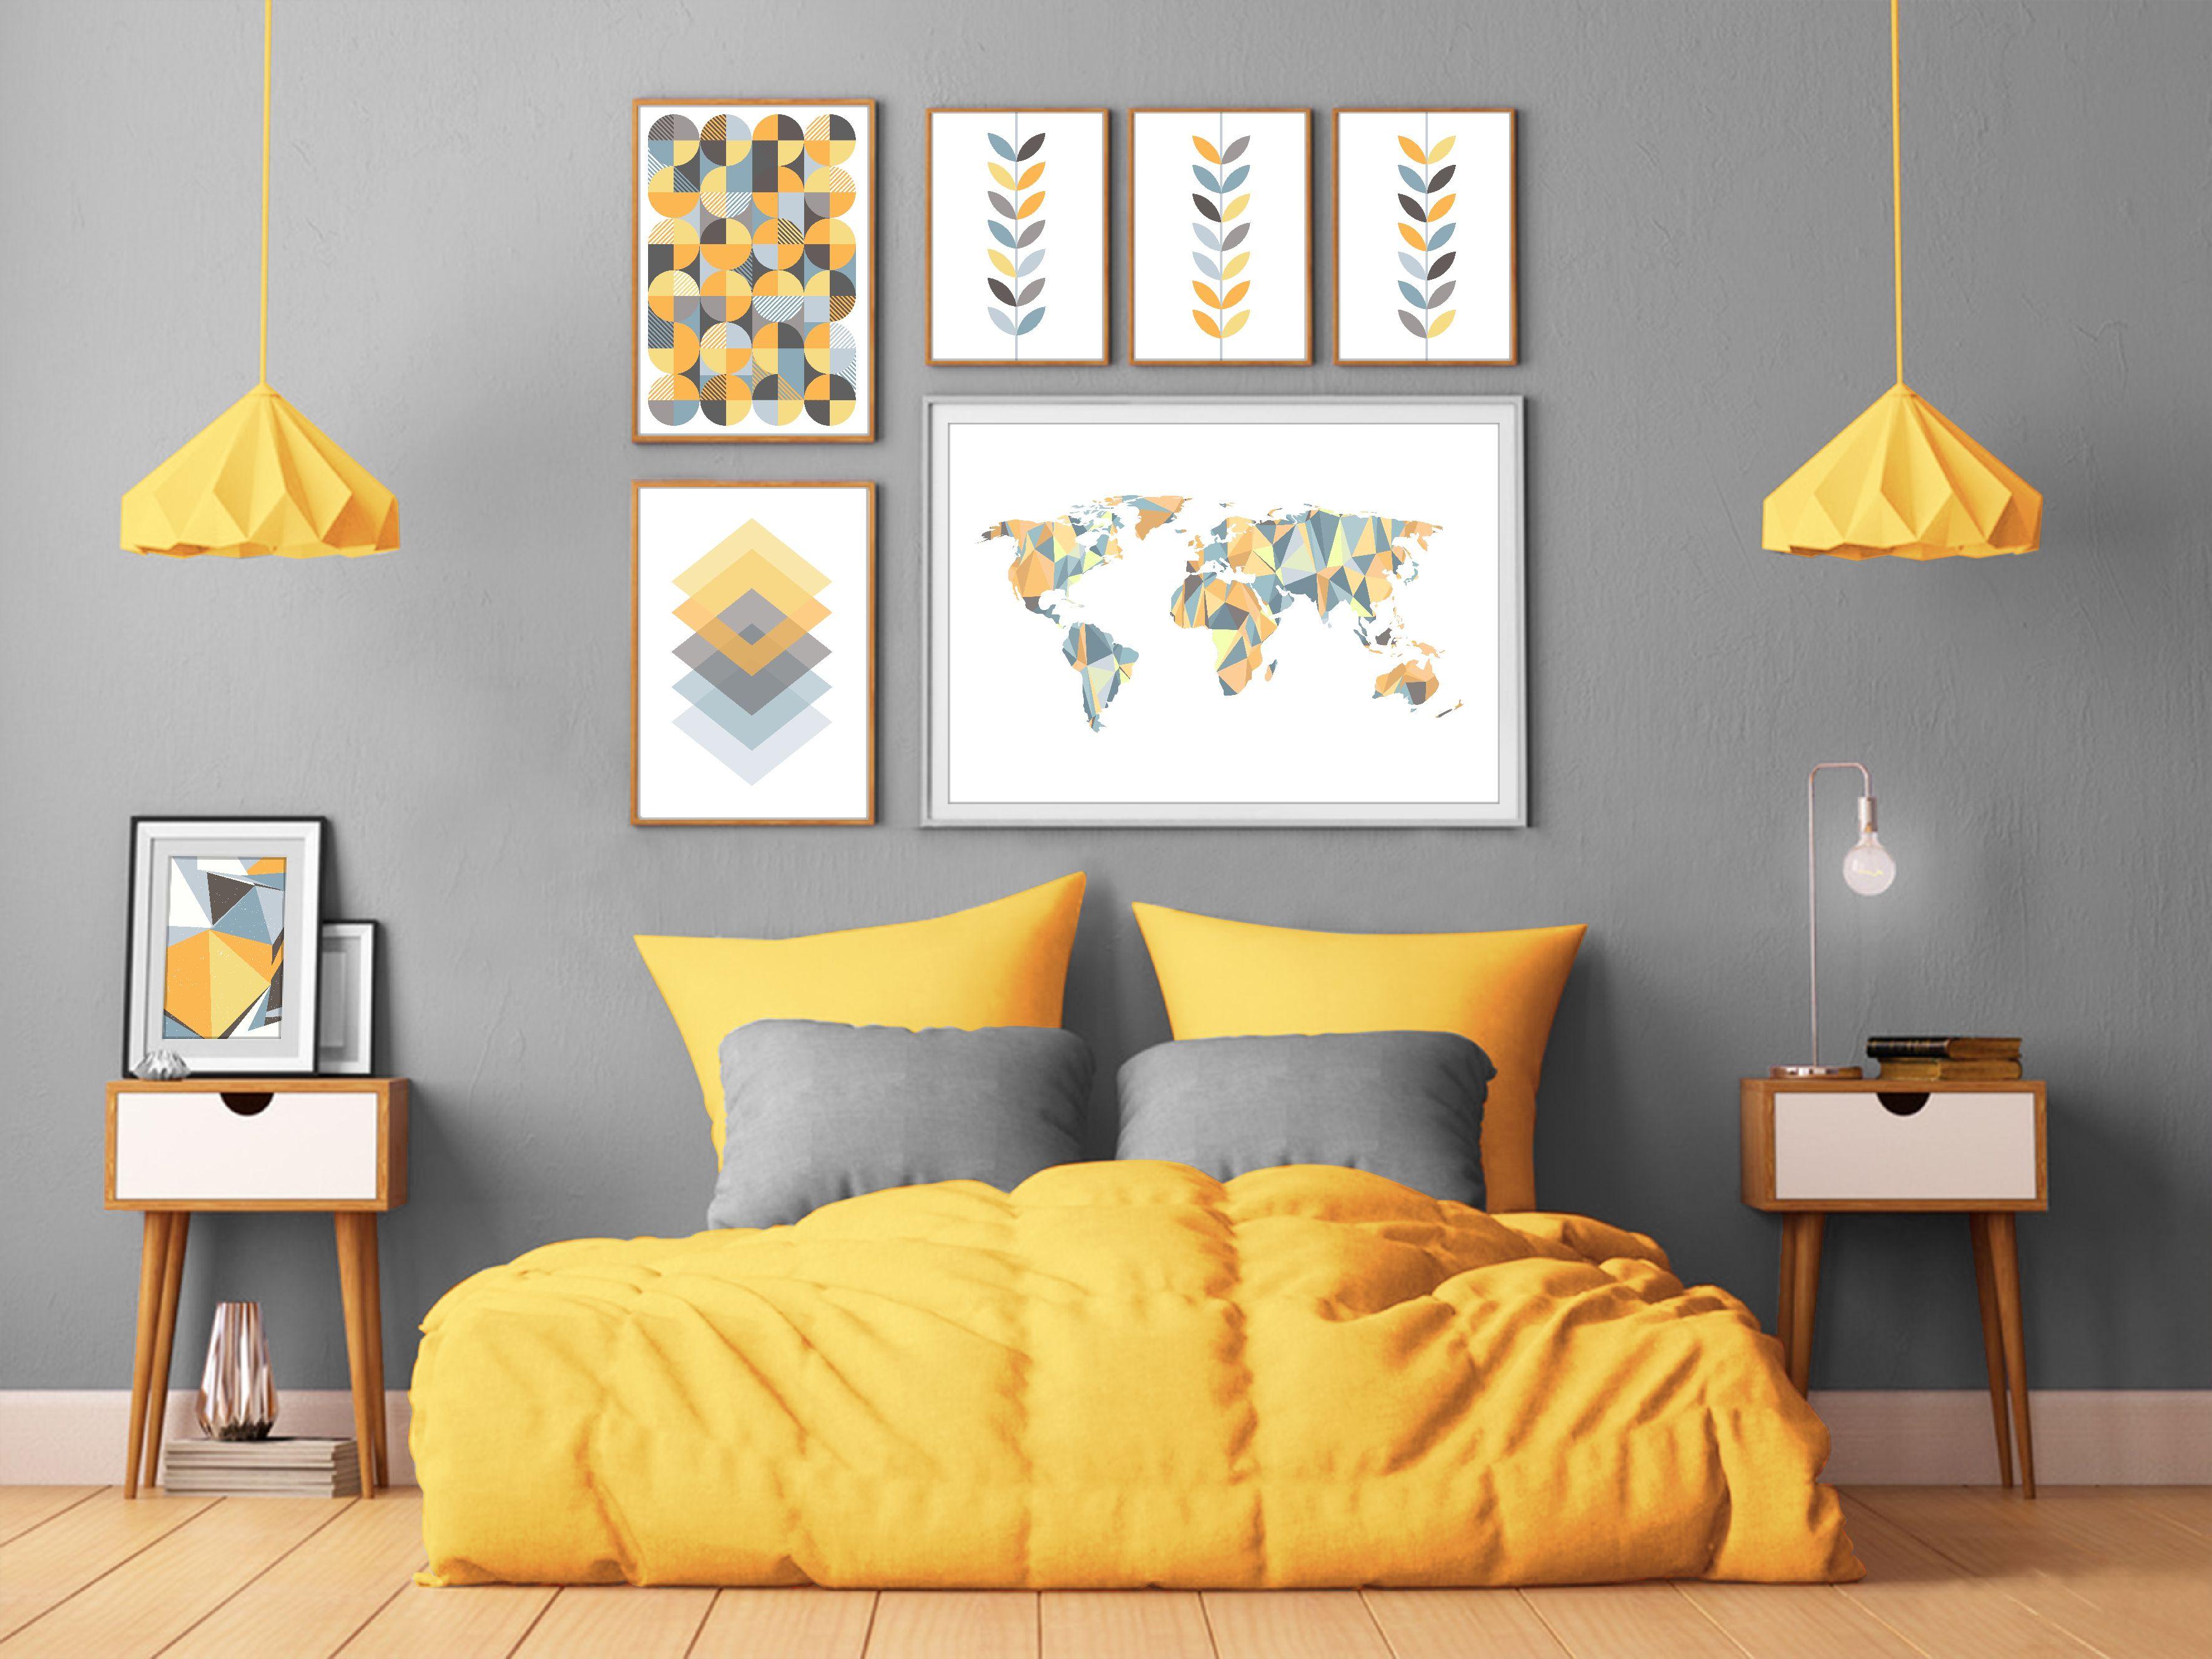 Yellow Bedroom Scandinavian Wall Decor In 2020 Yellow Bedroom Decor Blue Living Room Decor Yellow Bedroom